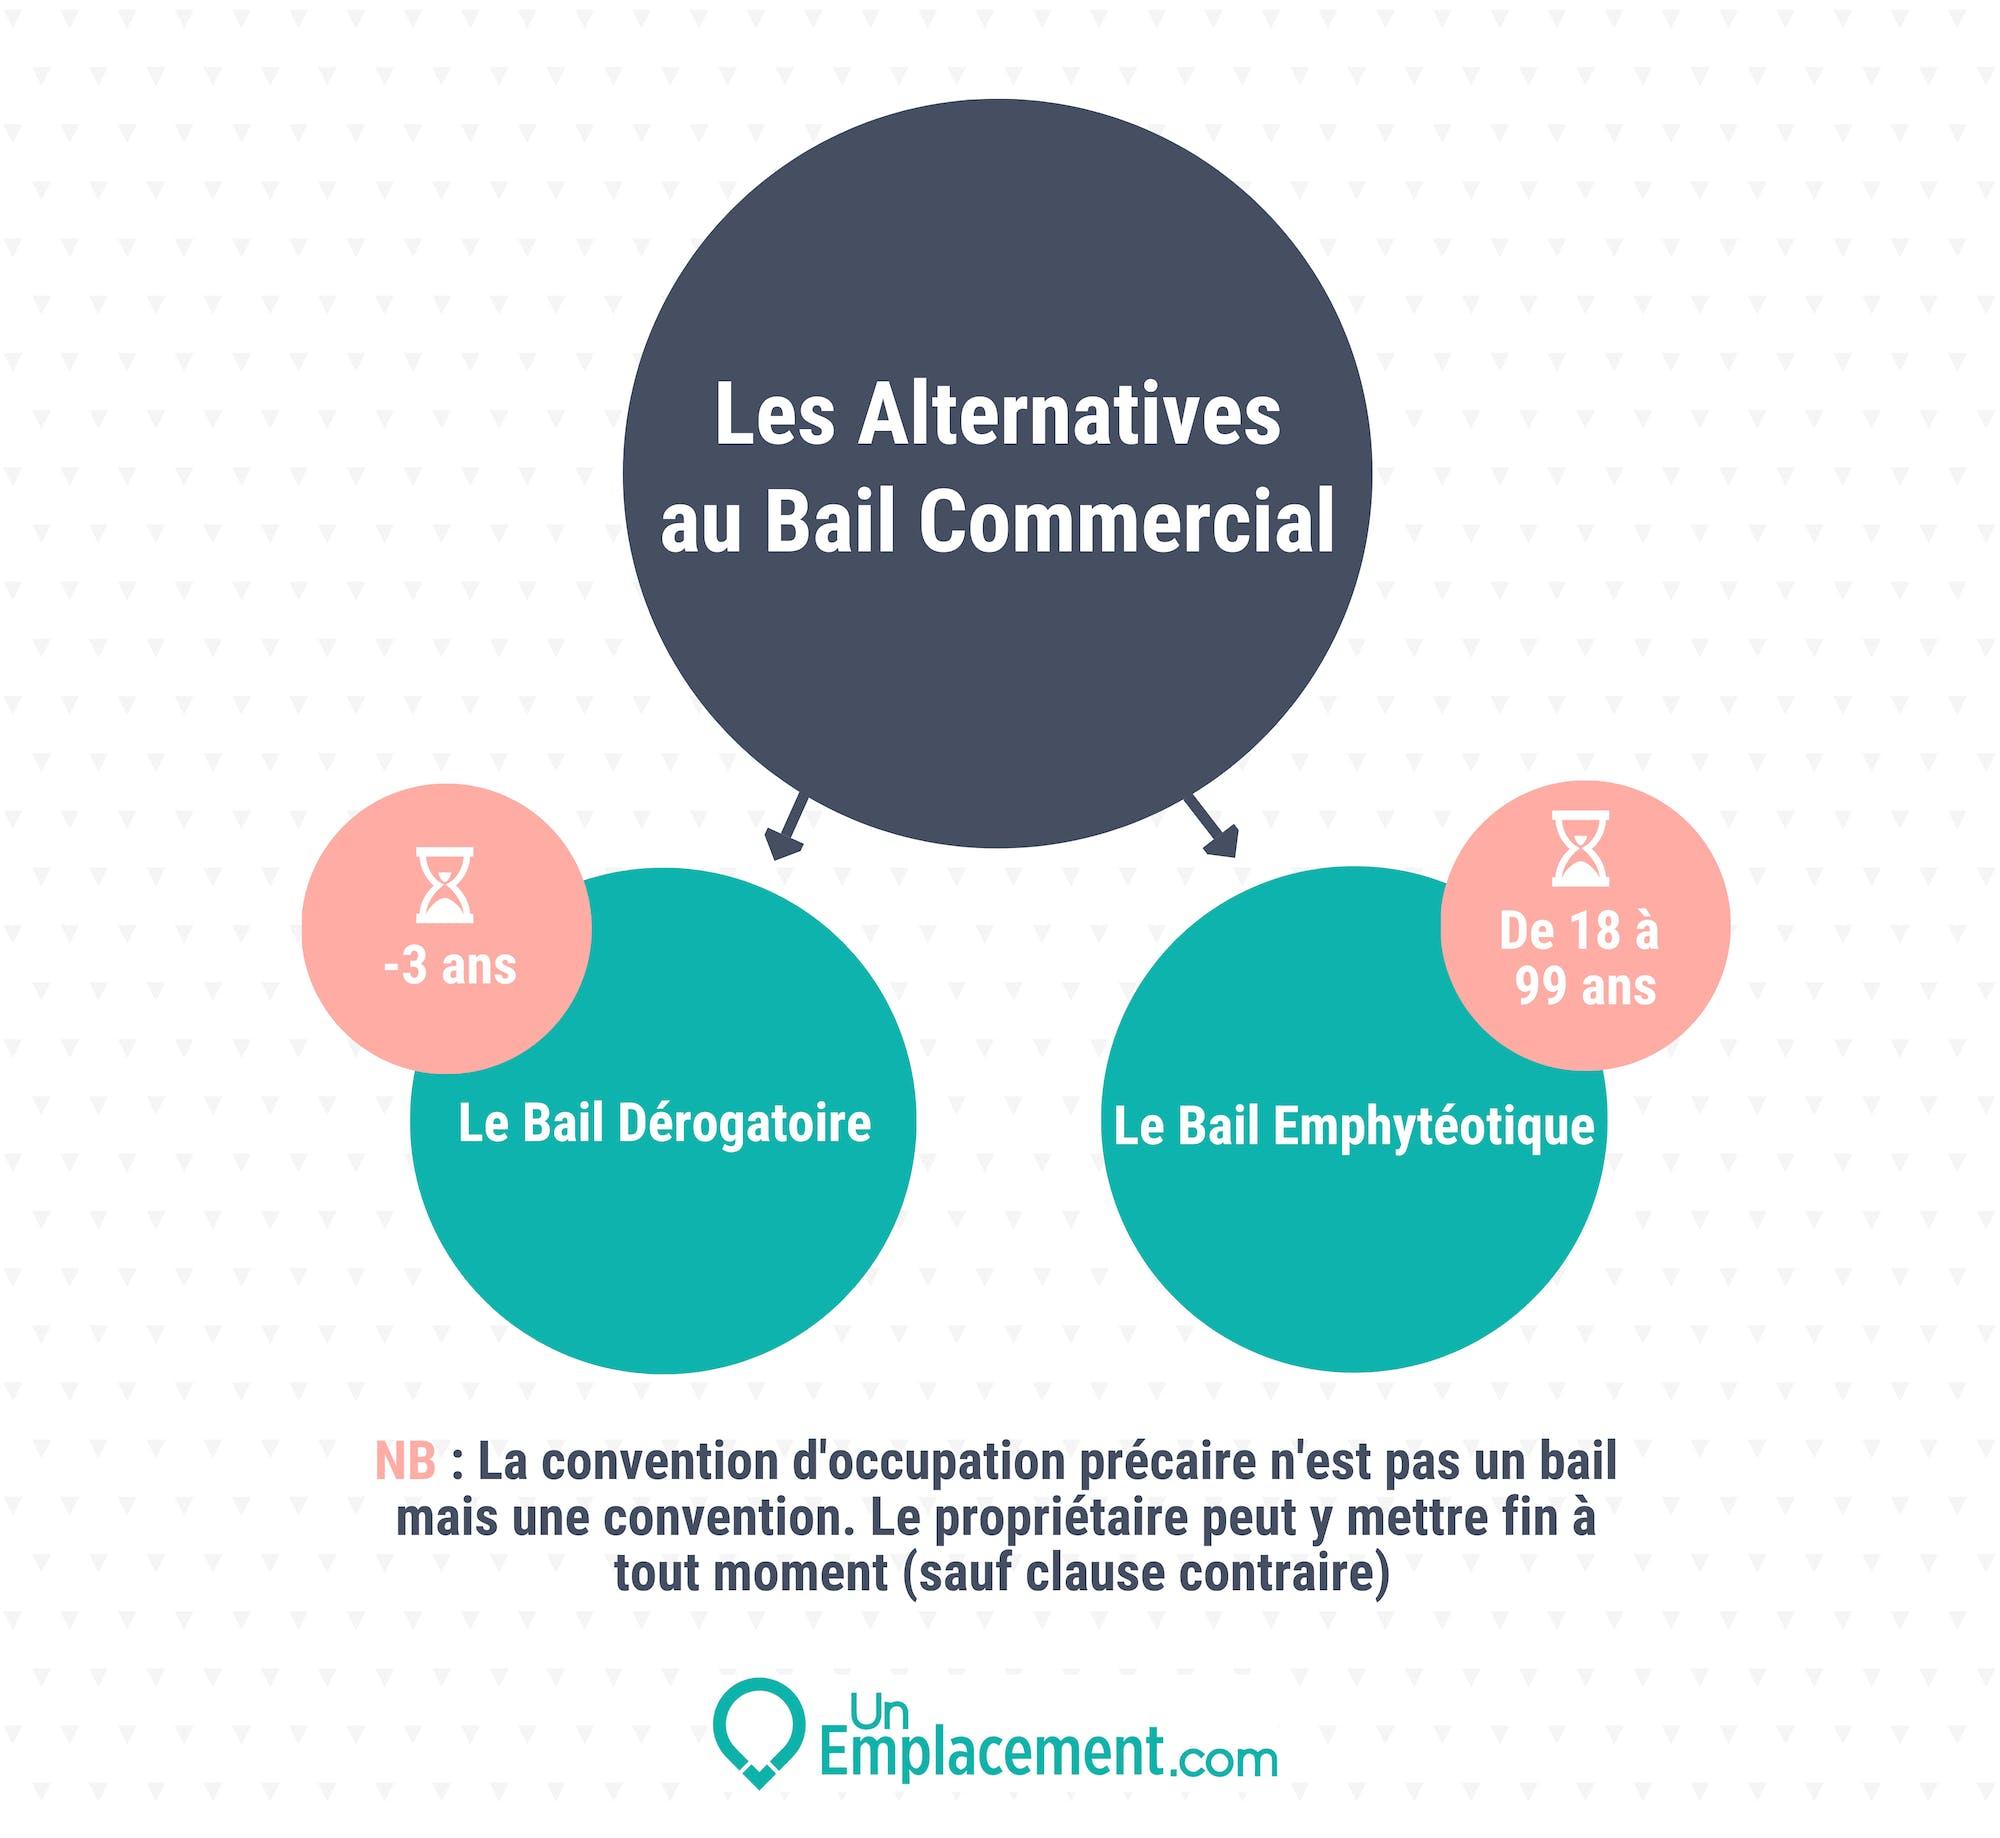 Infographie sur les alternatives au bail commercial